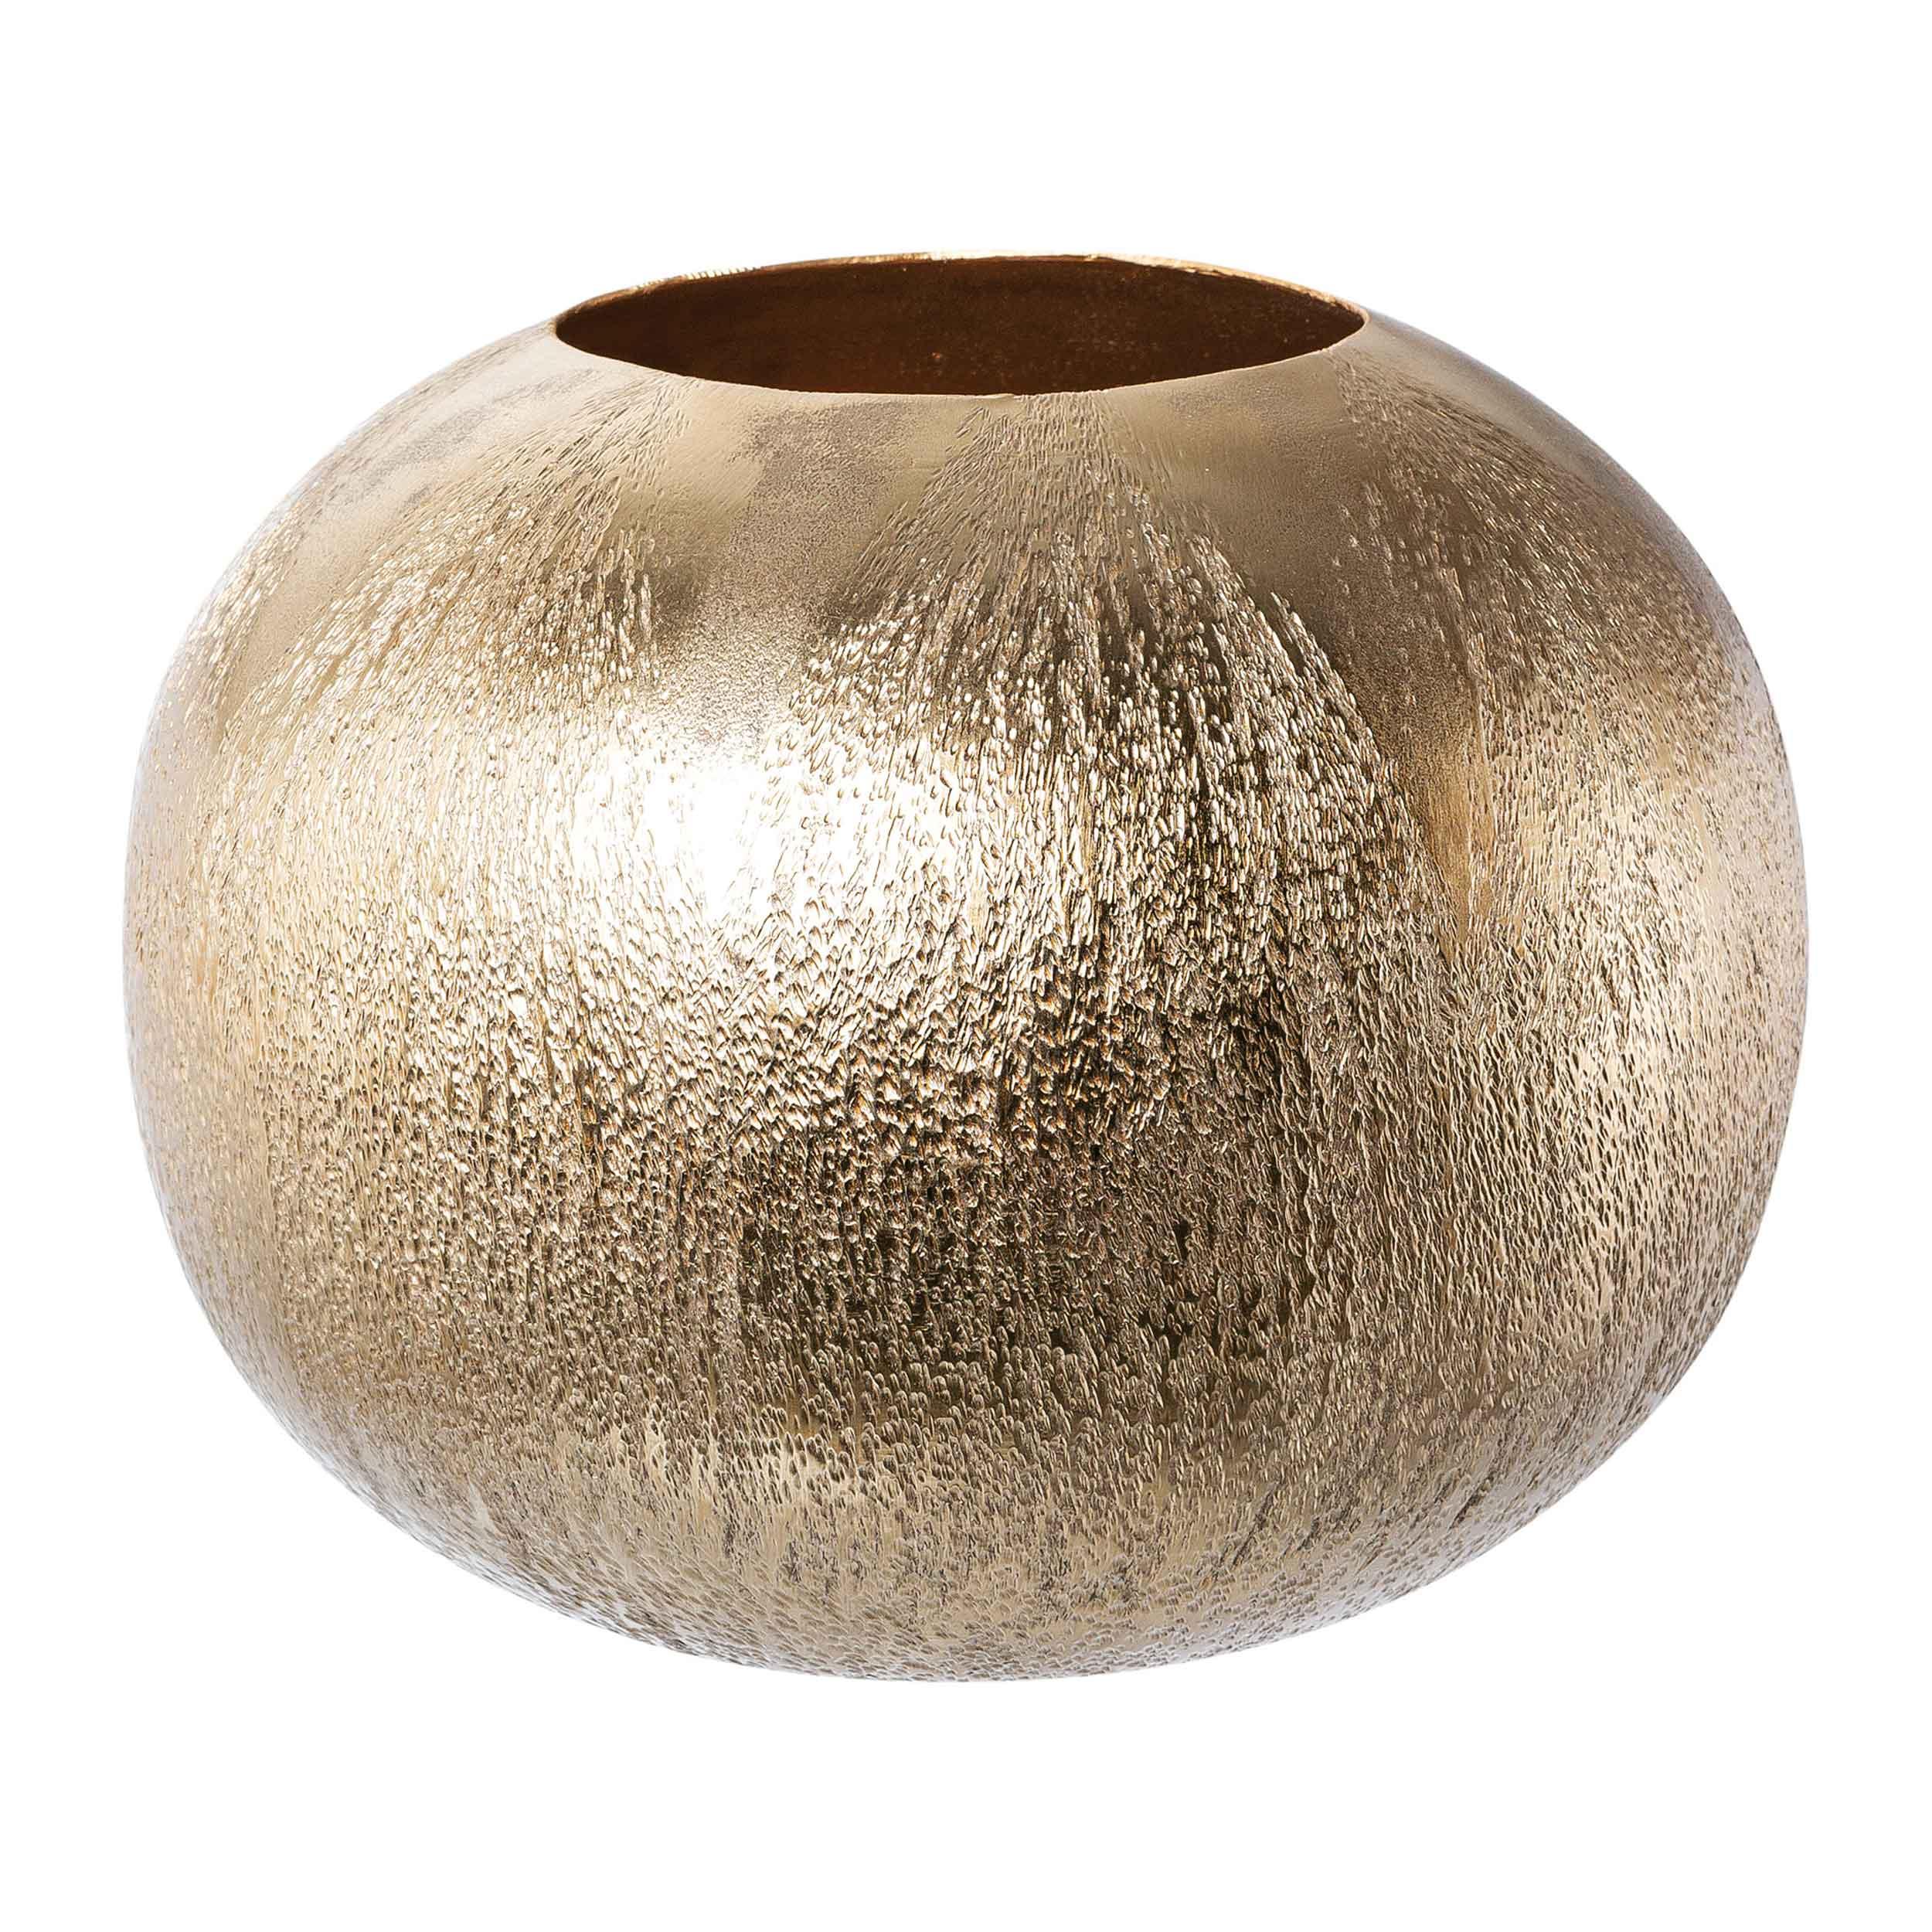 Vase 16cm STALE